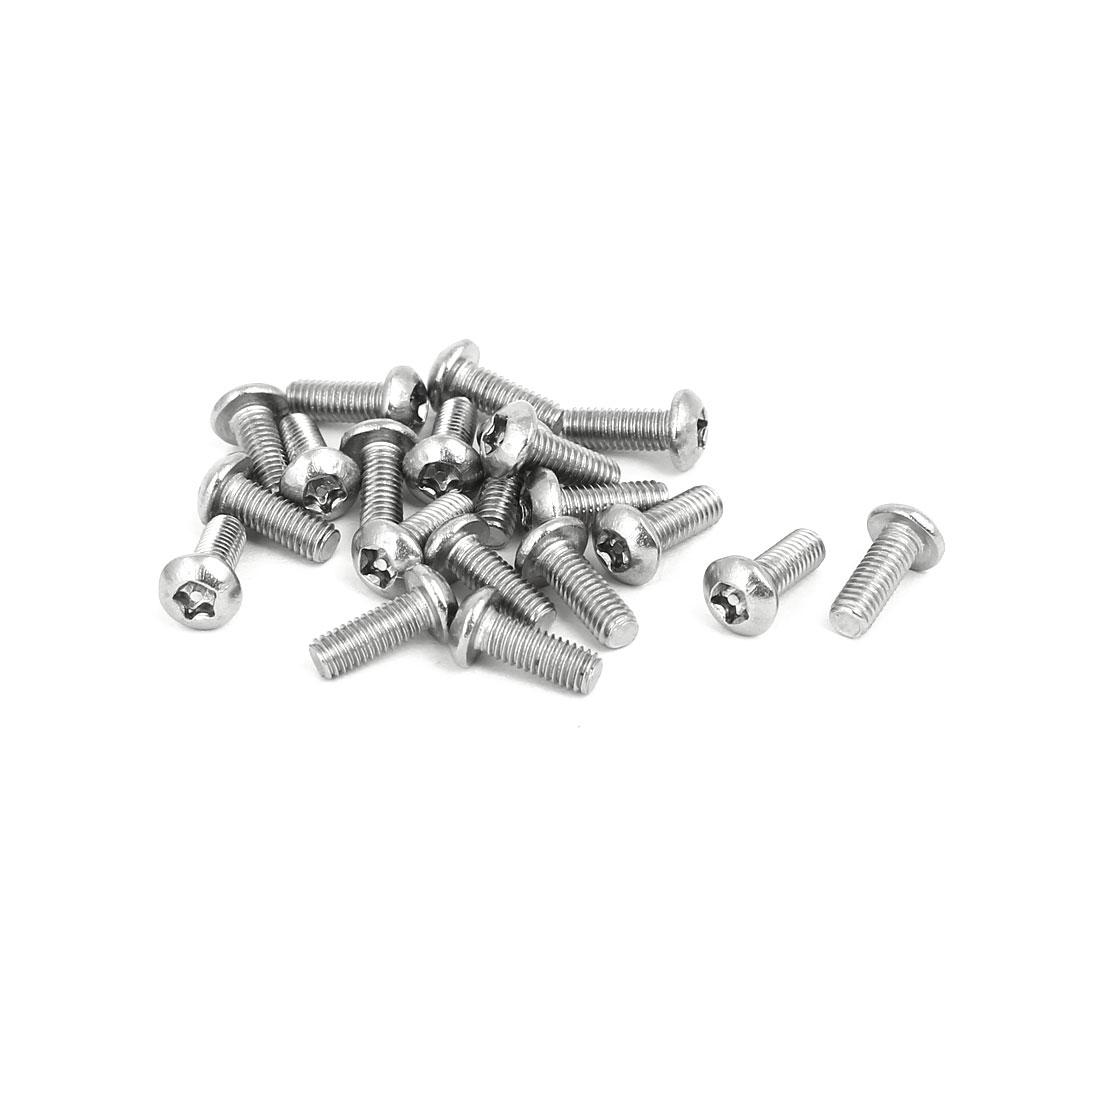 M3x8mm 304 Stainless Steel Button Head Torx Five-Lobe Tamper Proof Screw 20pcs